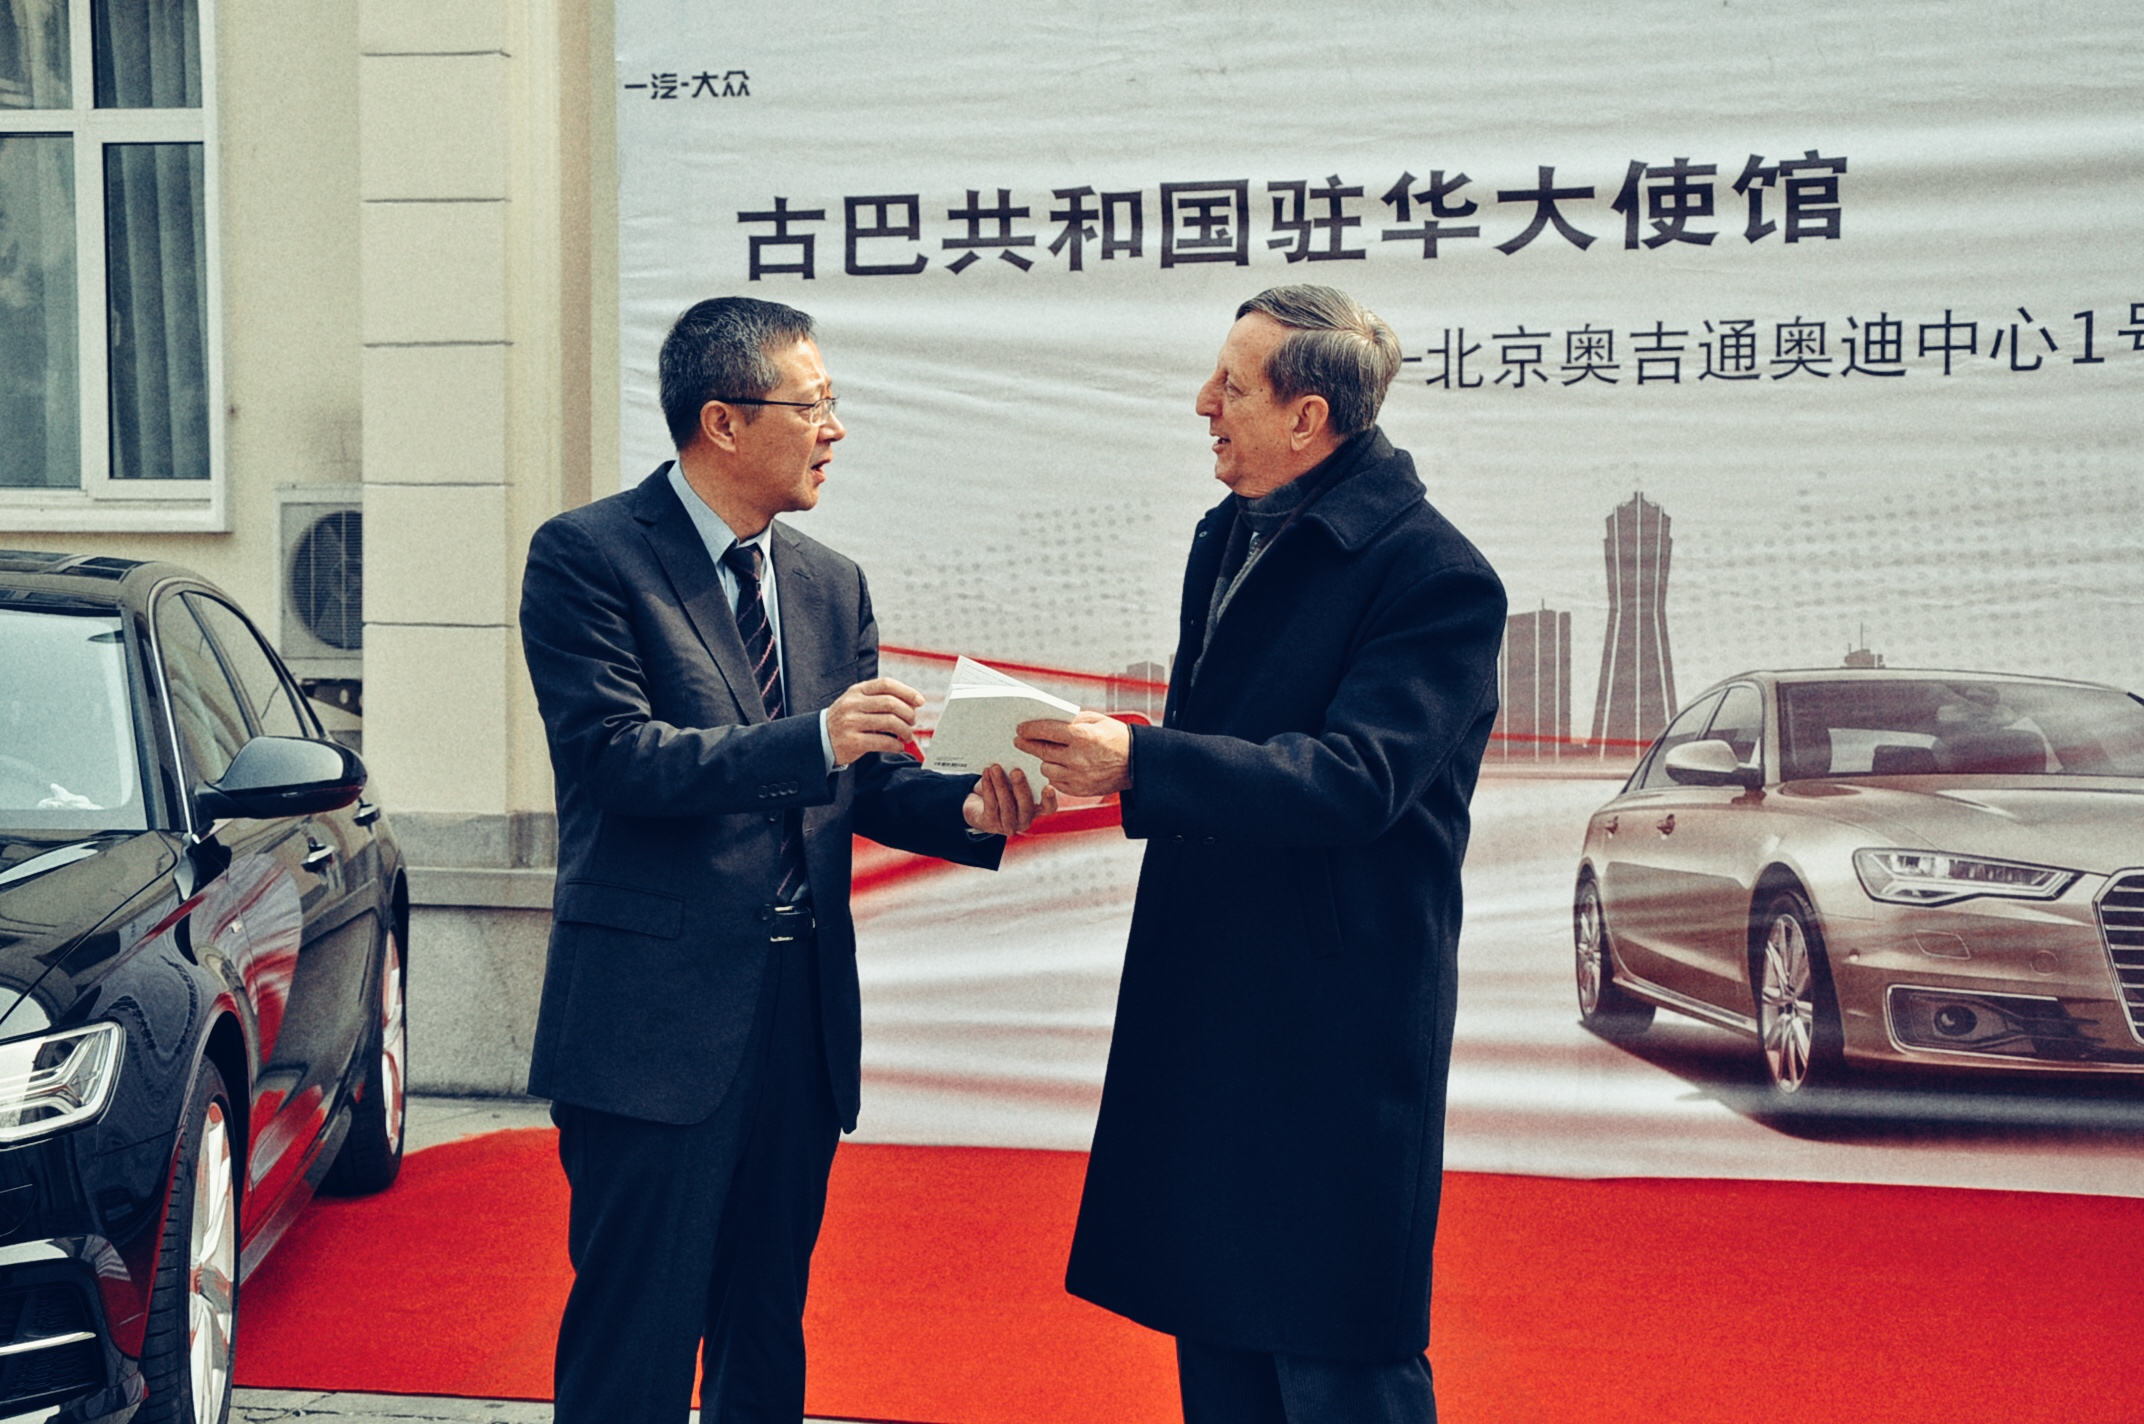 北京奥吉通奥迪中心向古巴驻华大使交付一号用车